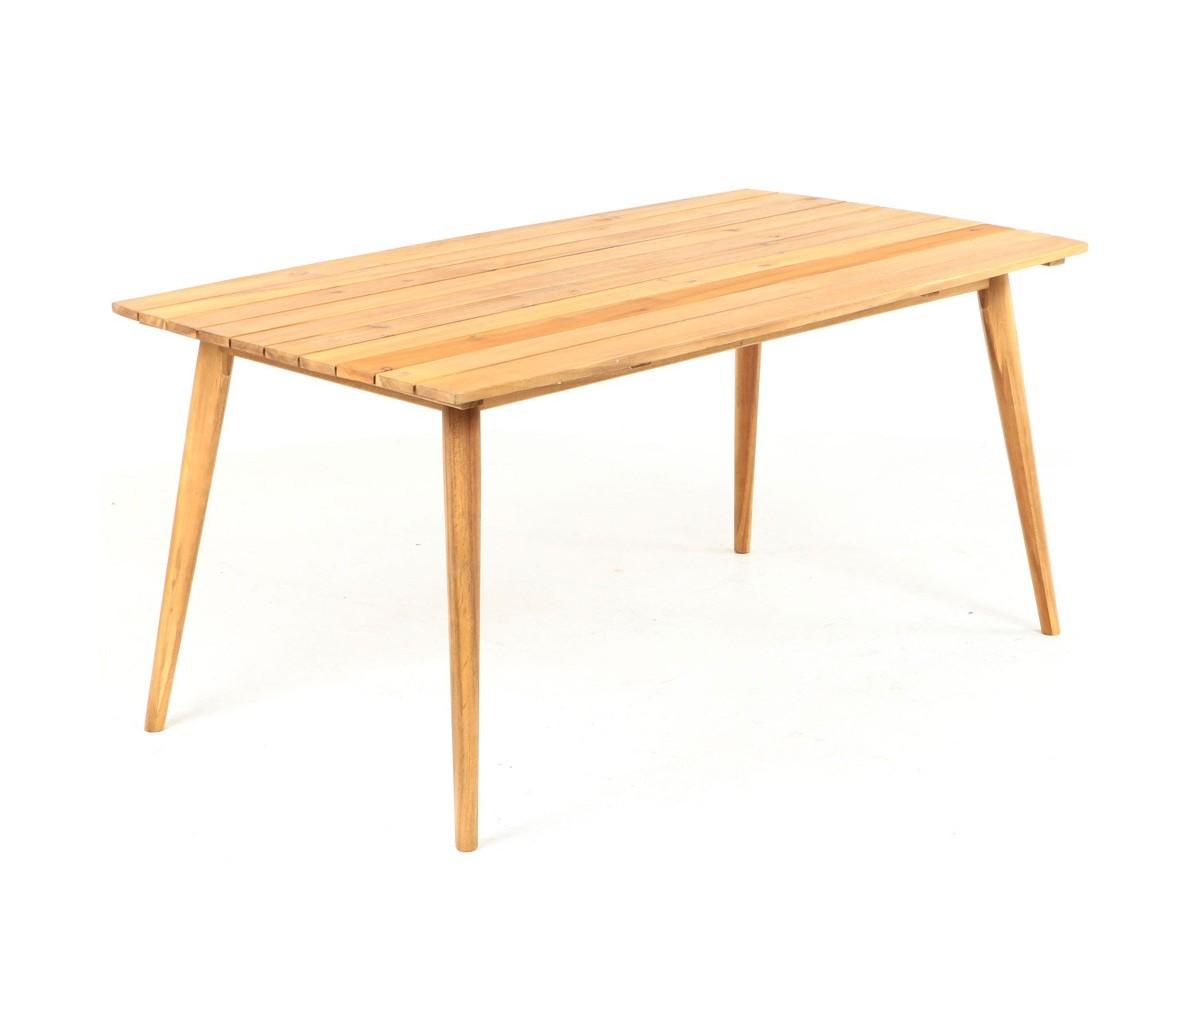 Стол AndorraОбеденные столы<br>Стол Andorra произведен из акации. Специальная обработка придает древесине фактуру идентичную натуральному тику. Требуется сборка.<br>Уникальная возможность приобрести мебель выглядящую как тик, но по цене акации!<br><br>Material: Дерево<br>Width см: 200<br>Depth см: 100<br>Height см: 75